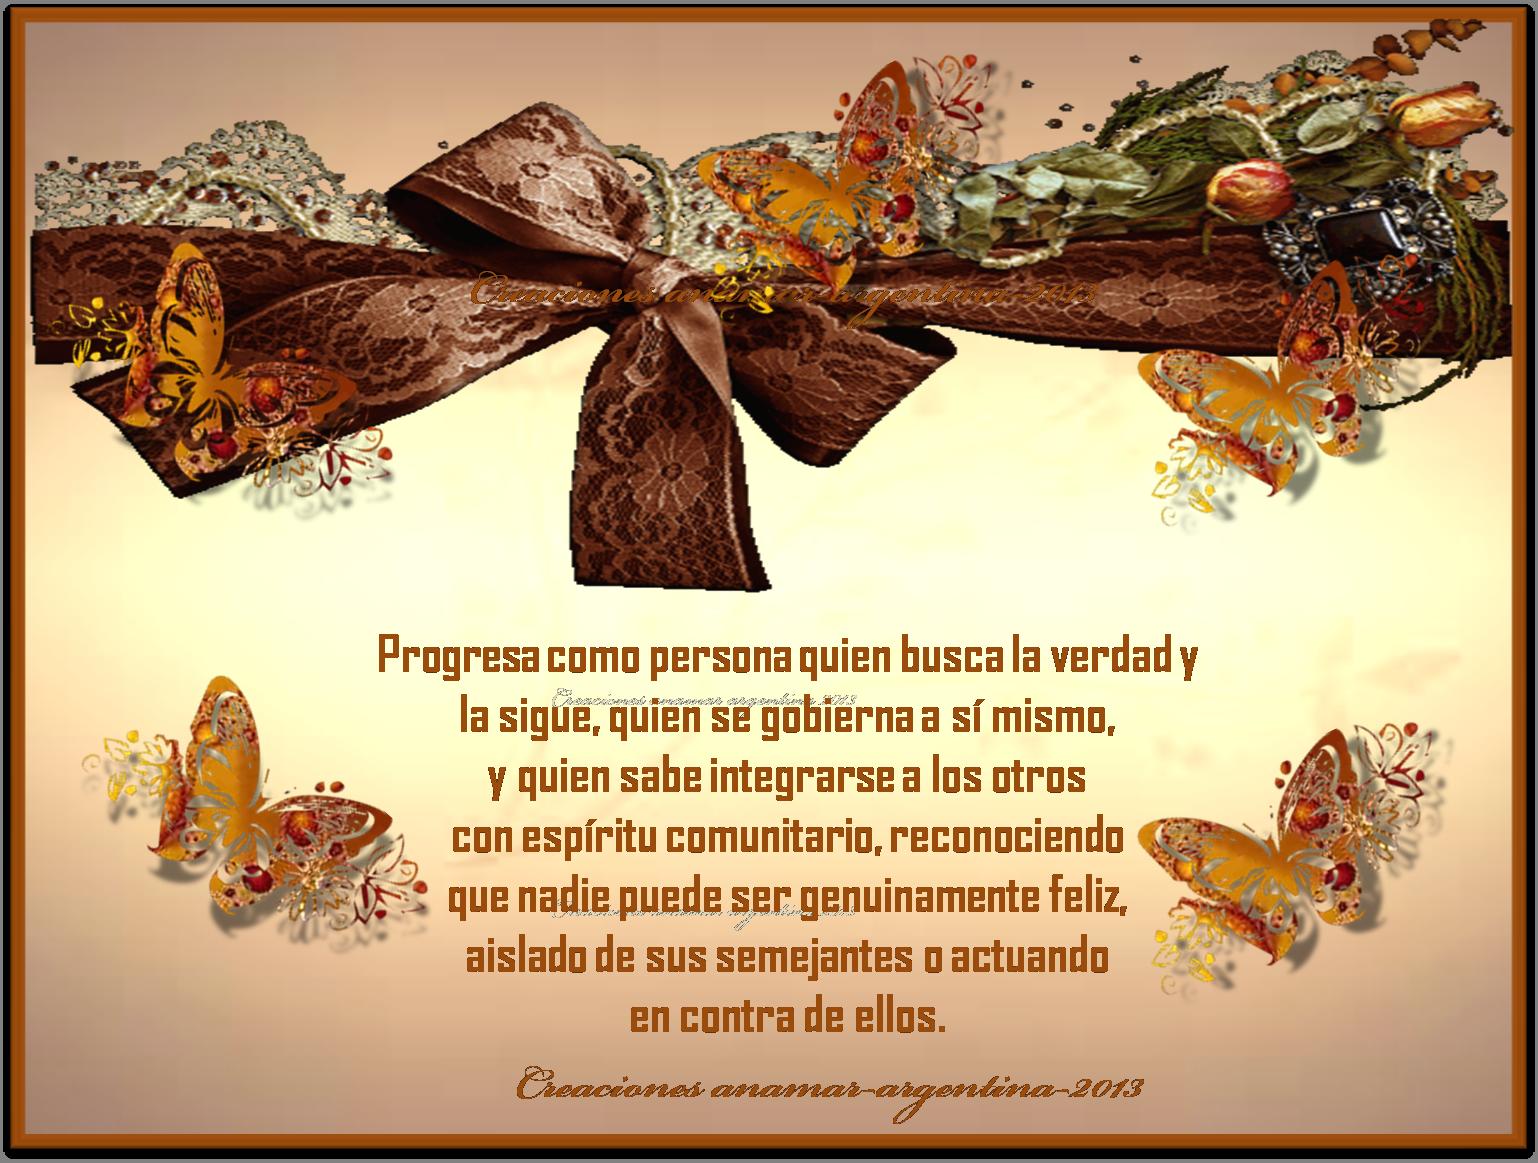 Imagenes Con Frases Motivadoras Positivas Anamar Argentina